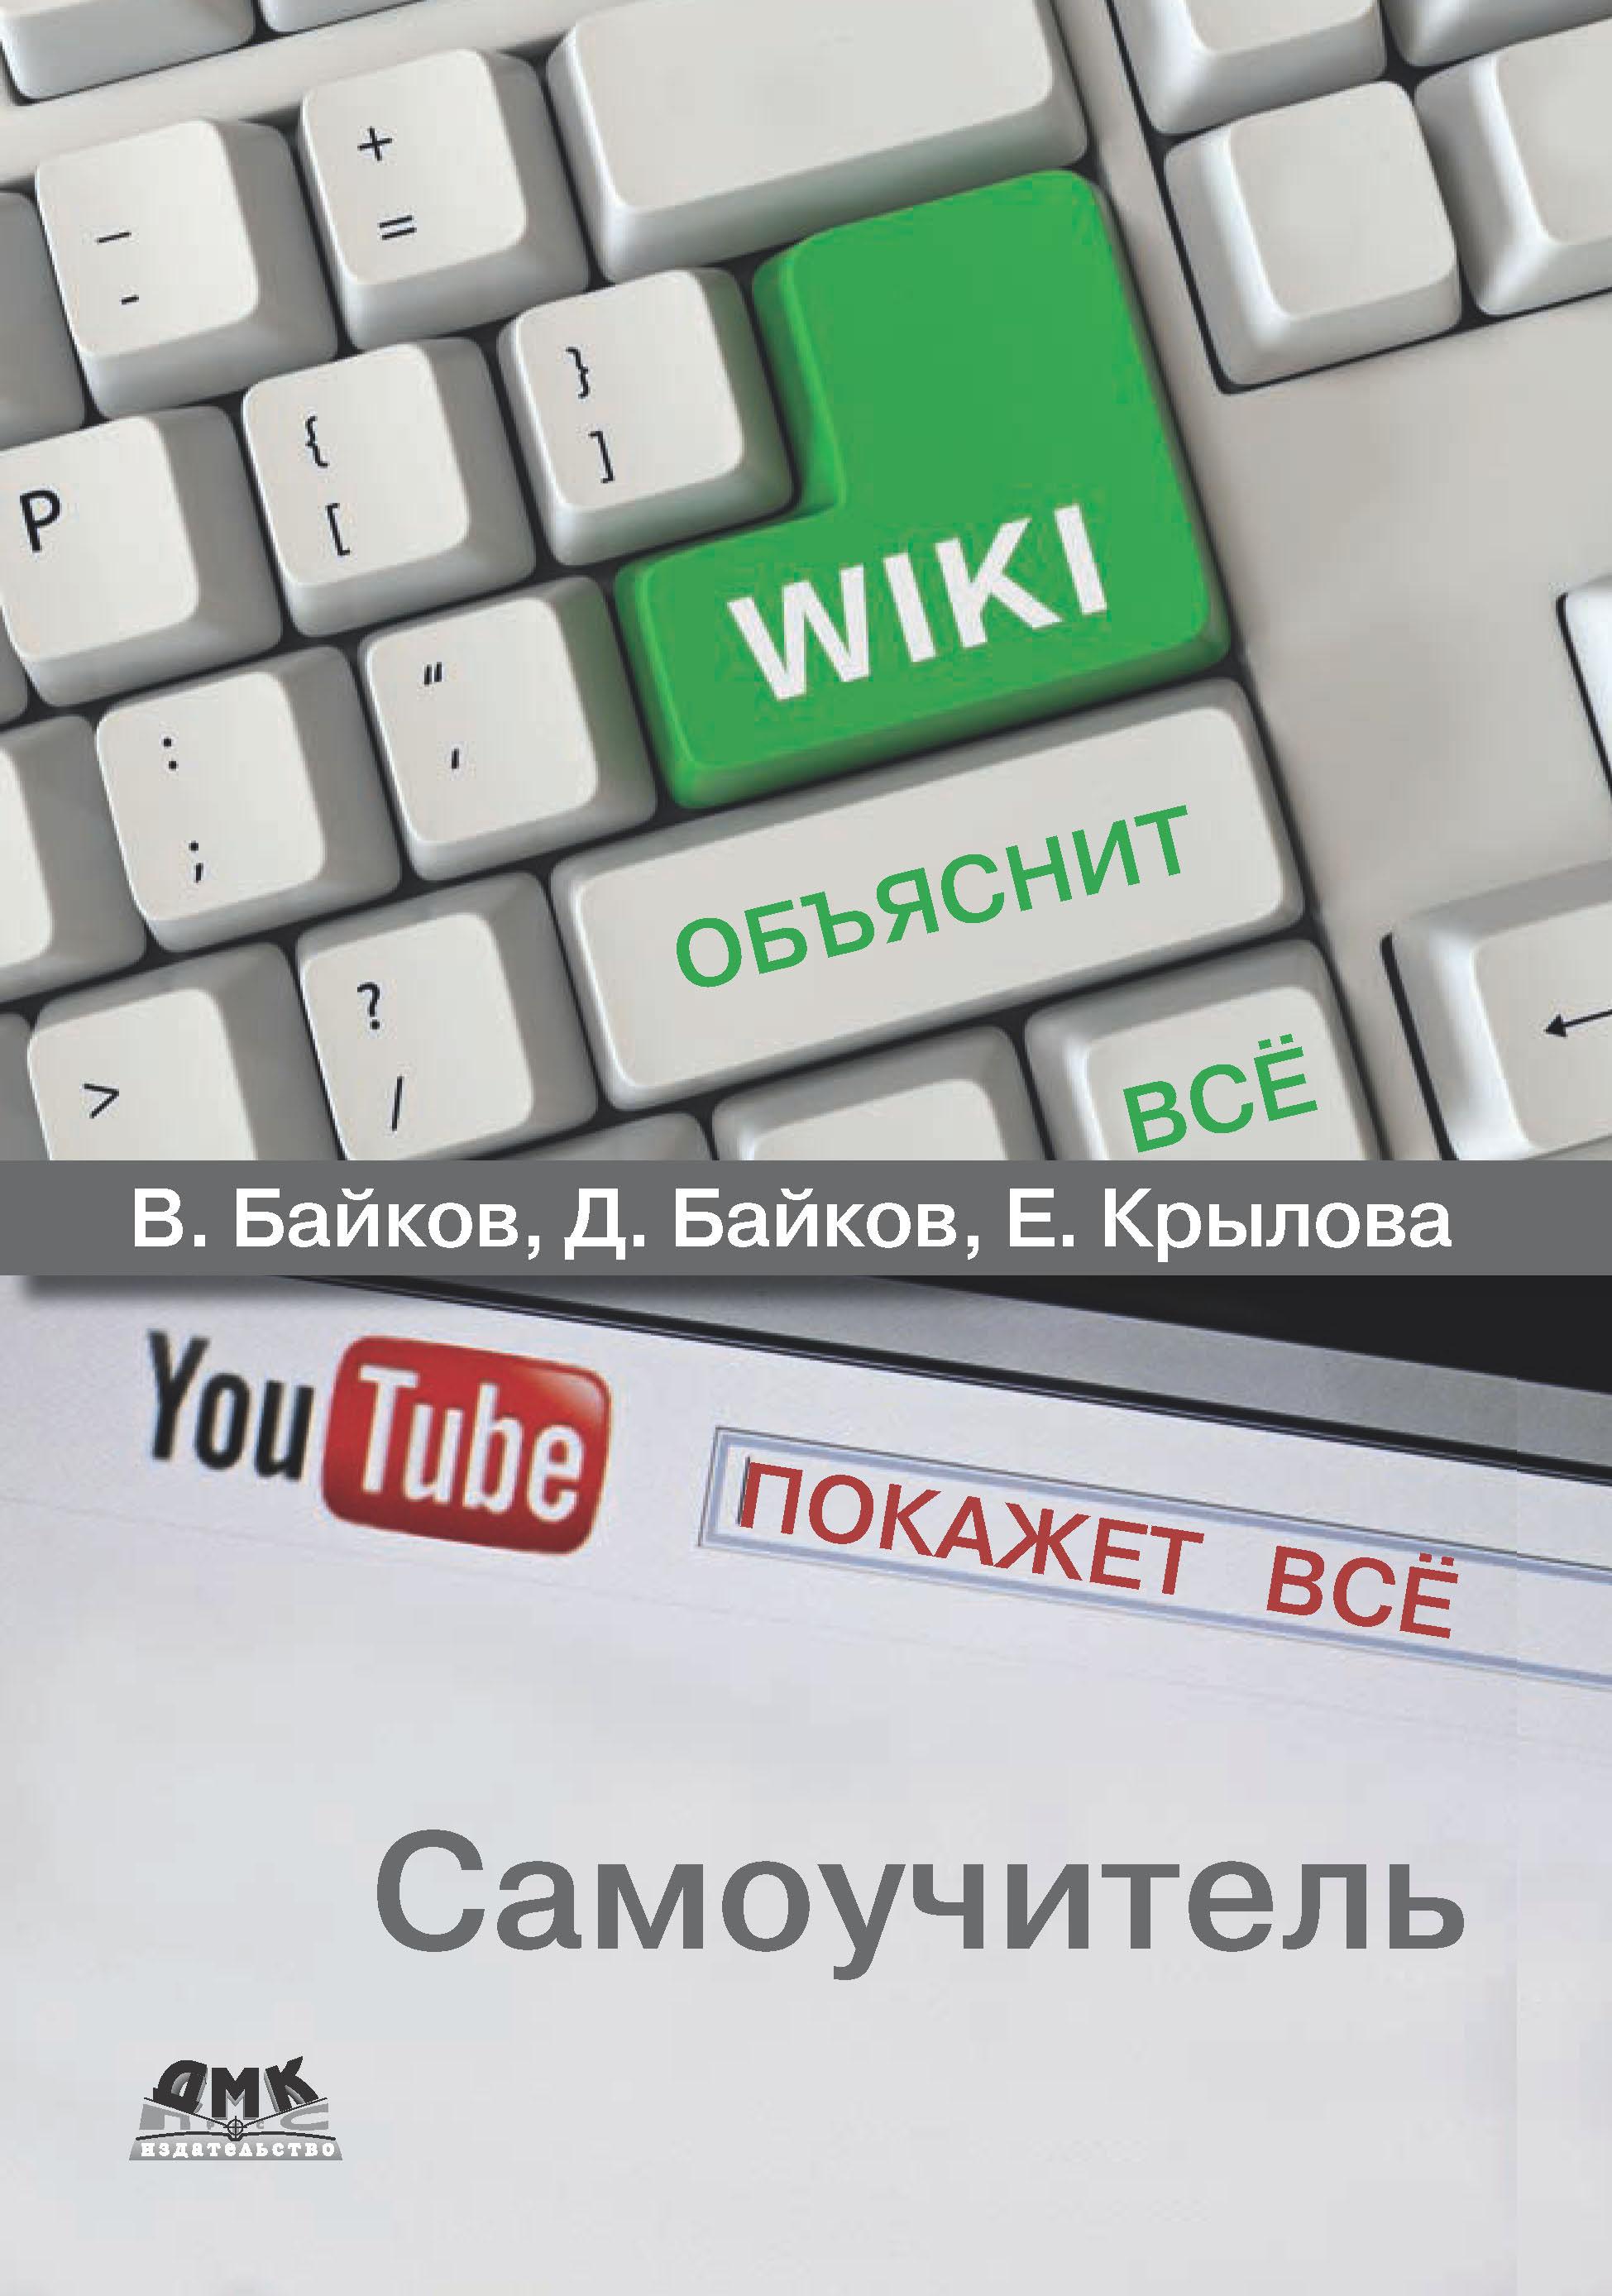 В. Д. Байков Википедия объяснит всё, YouTube покажет всё